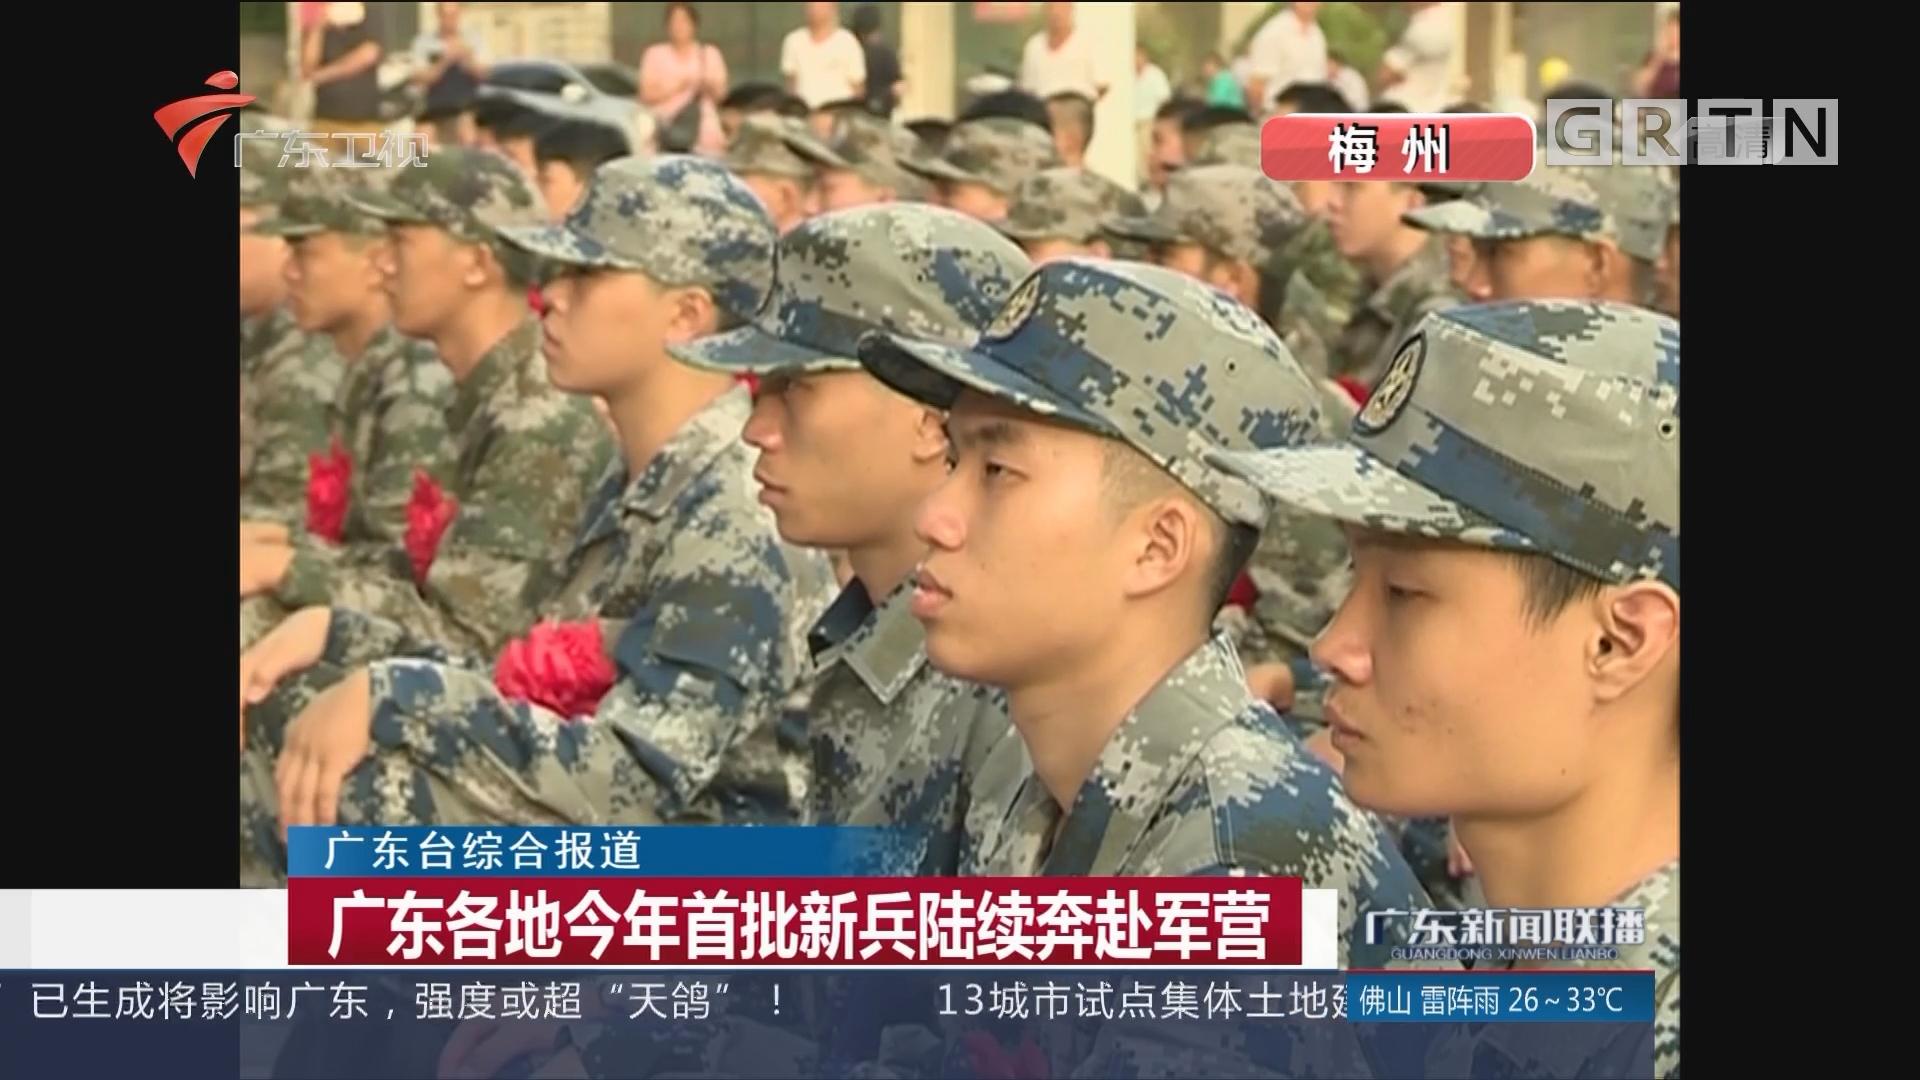 广东各地今年首批新兵陆续奔赴军营